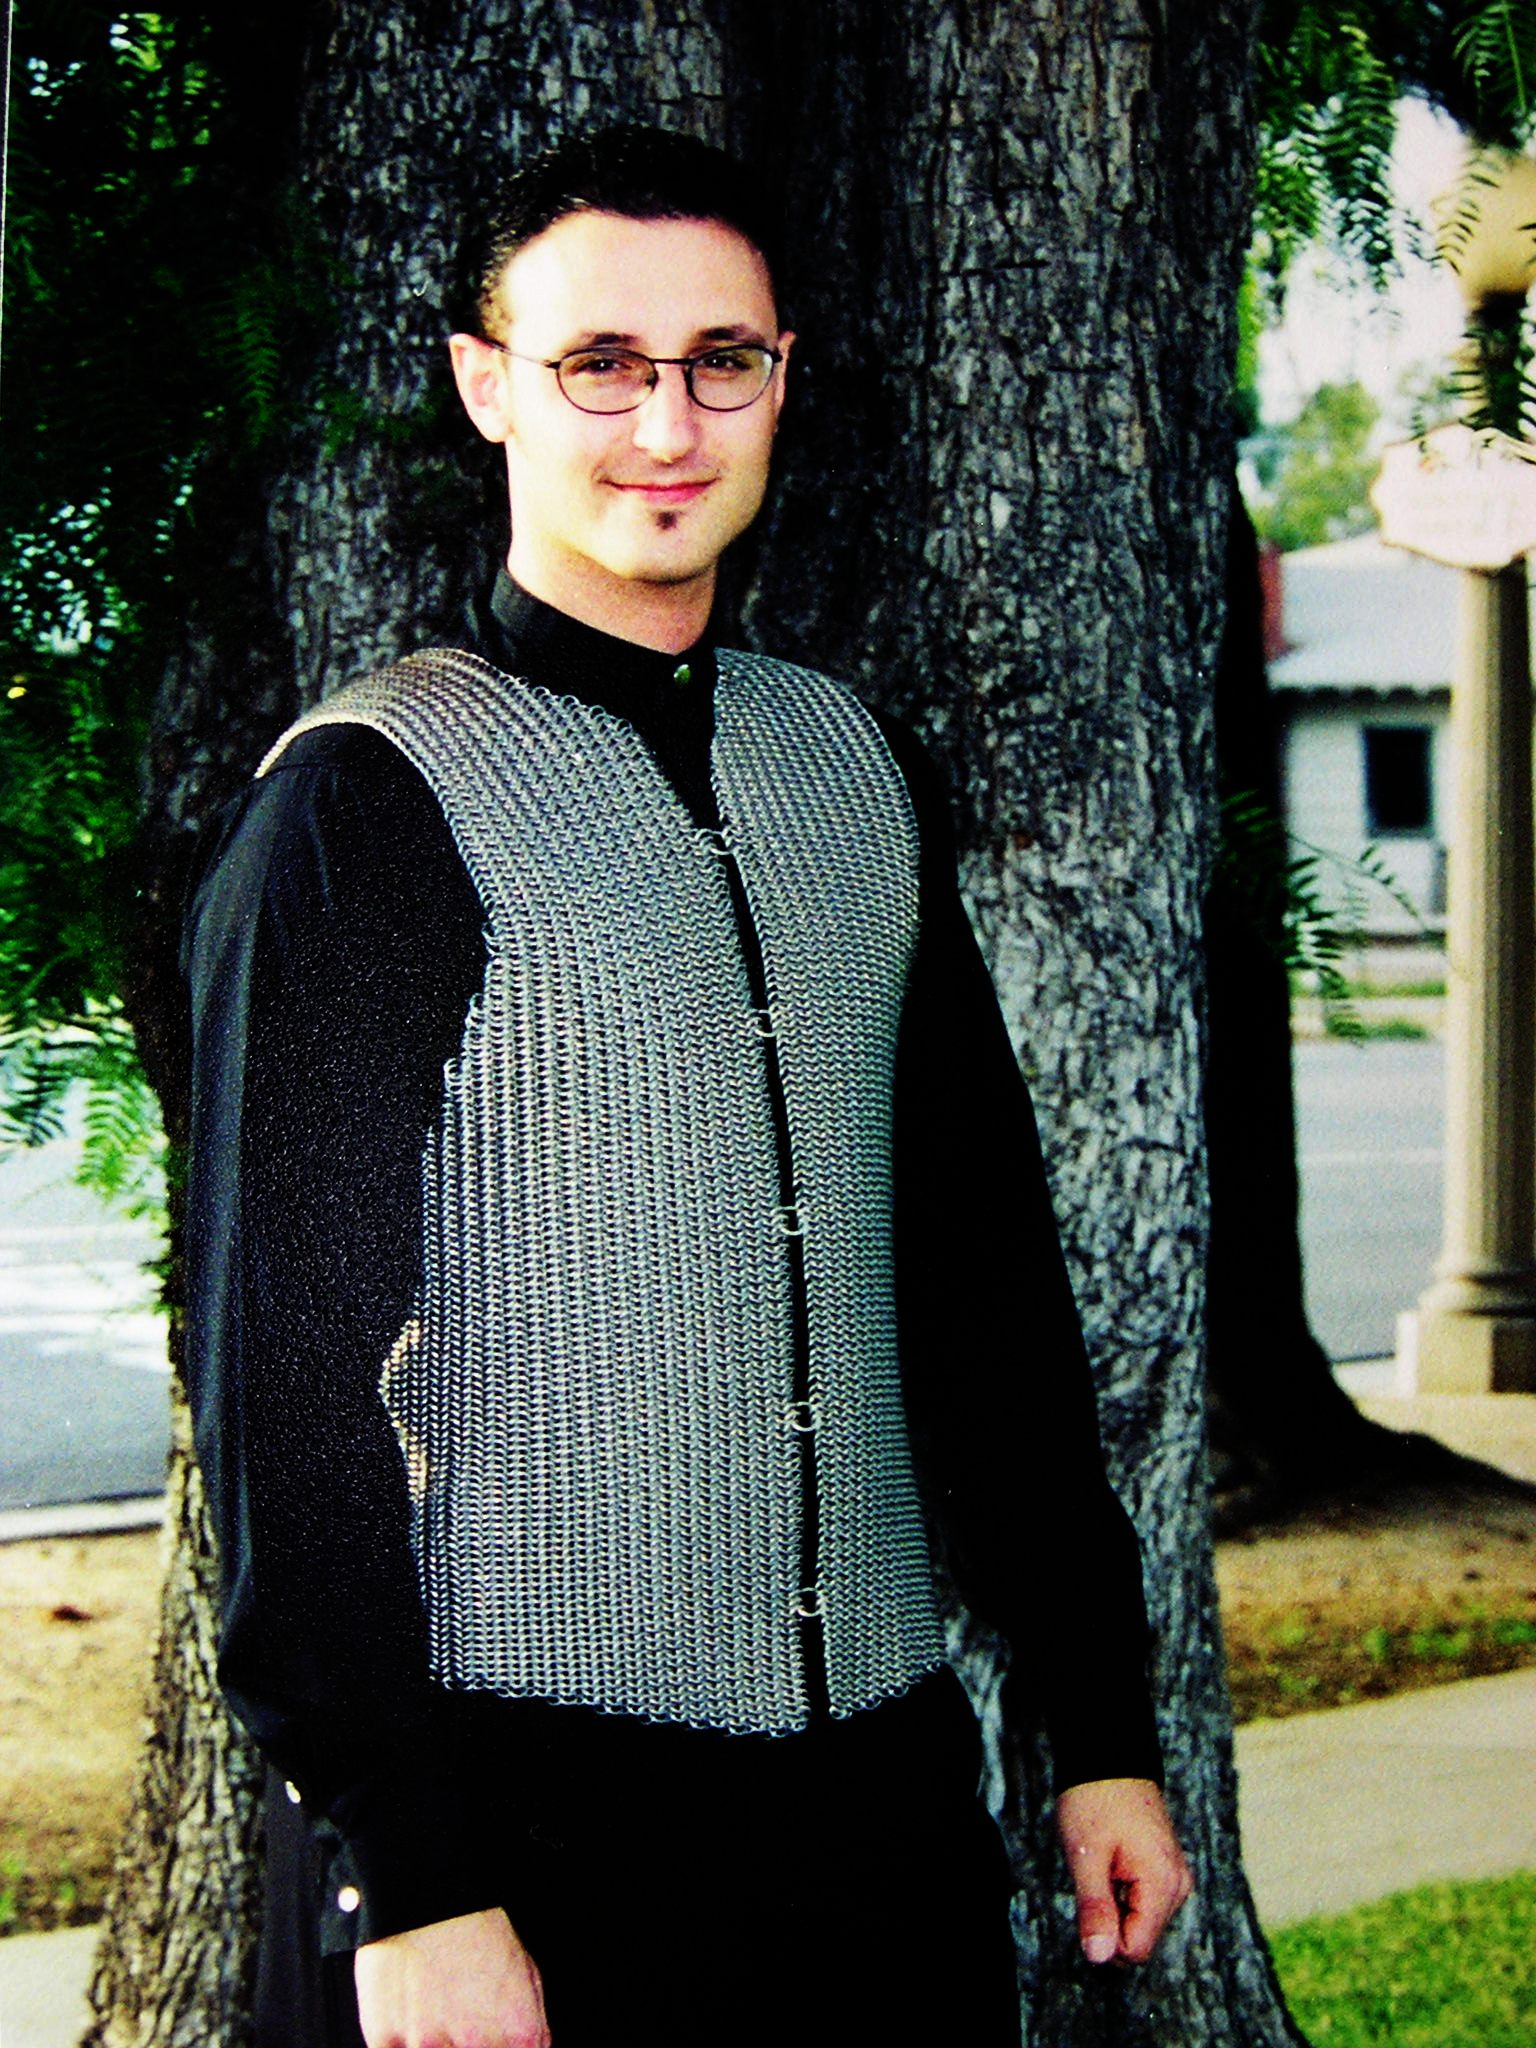 josh diliberto wearing handmade chainmaille vest